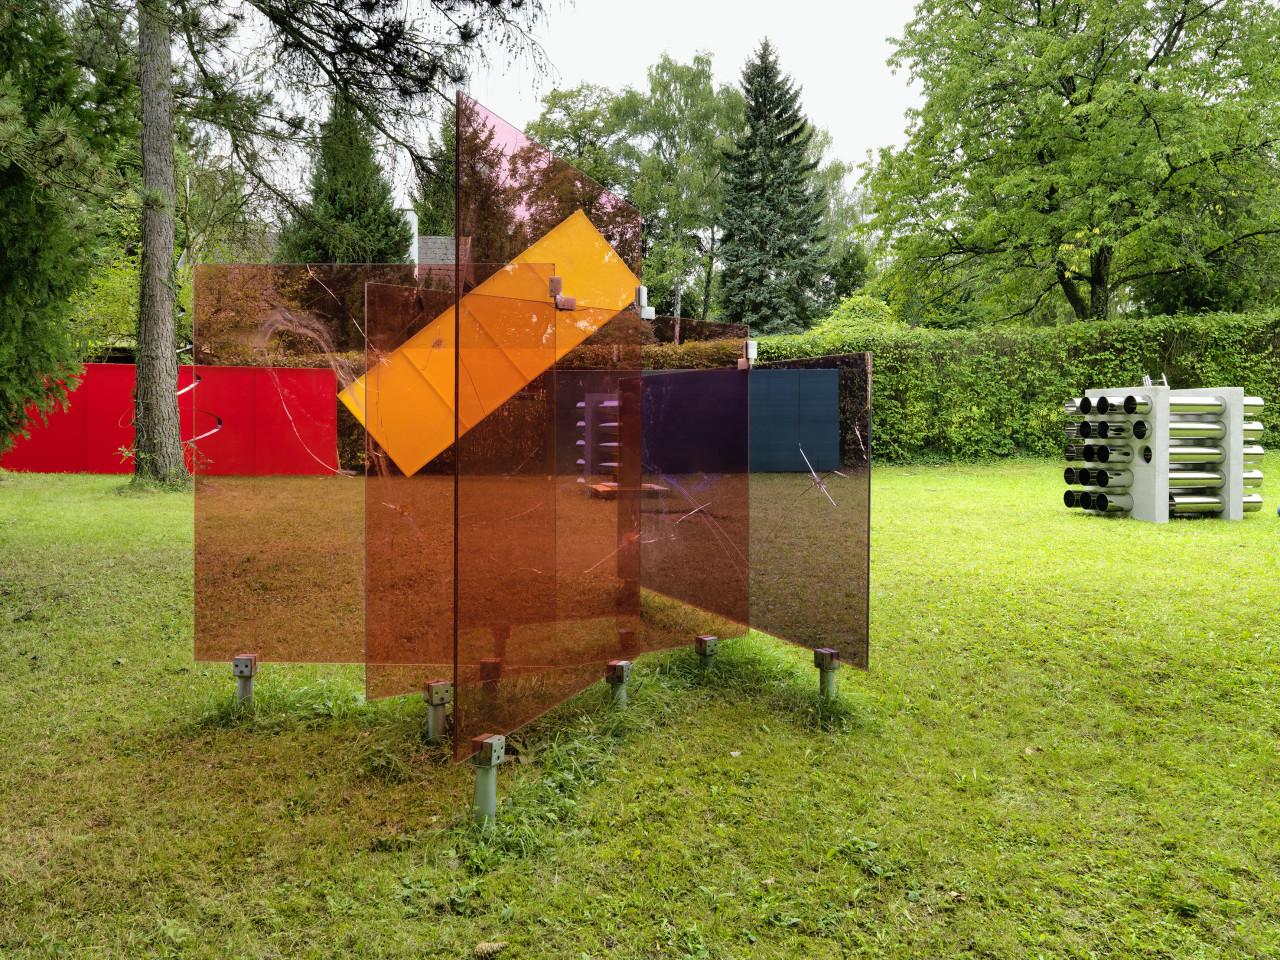 Sculpture Garden, Installation view: Thomas Baumann, Grear Patterson, Jonny Niesche & Alicja Kwade, 2019 Photo: © FARBPRAXIS